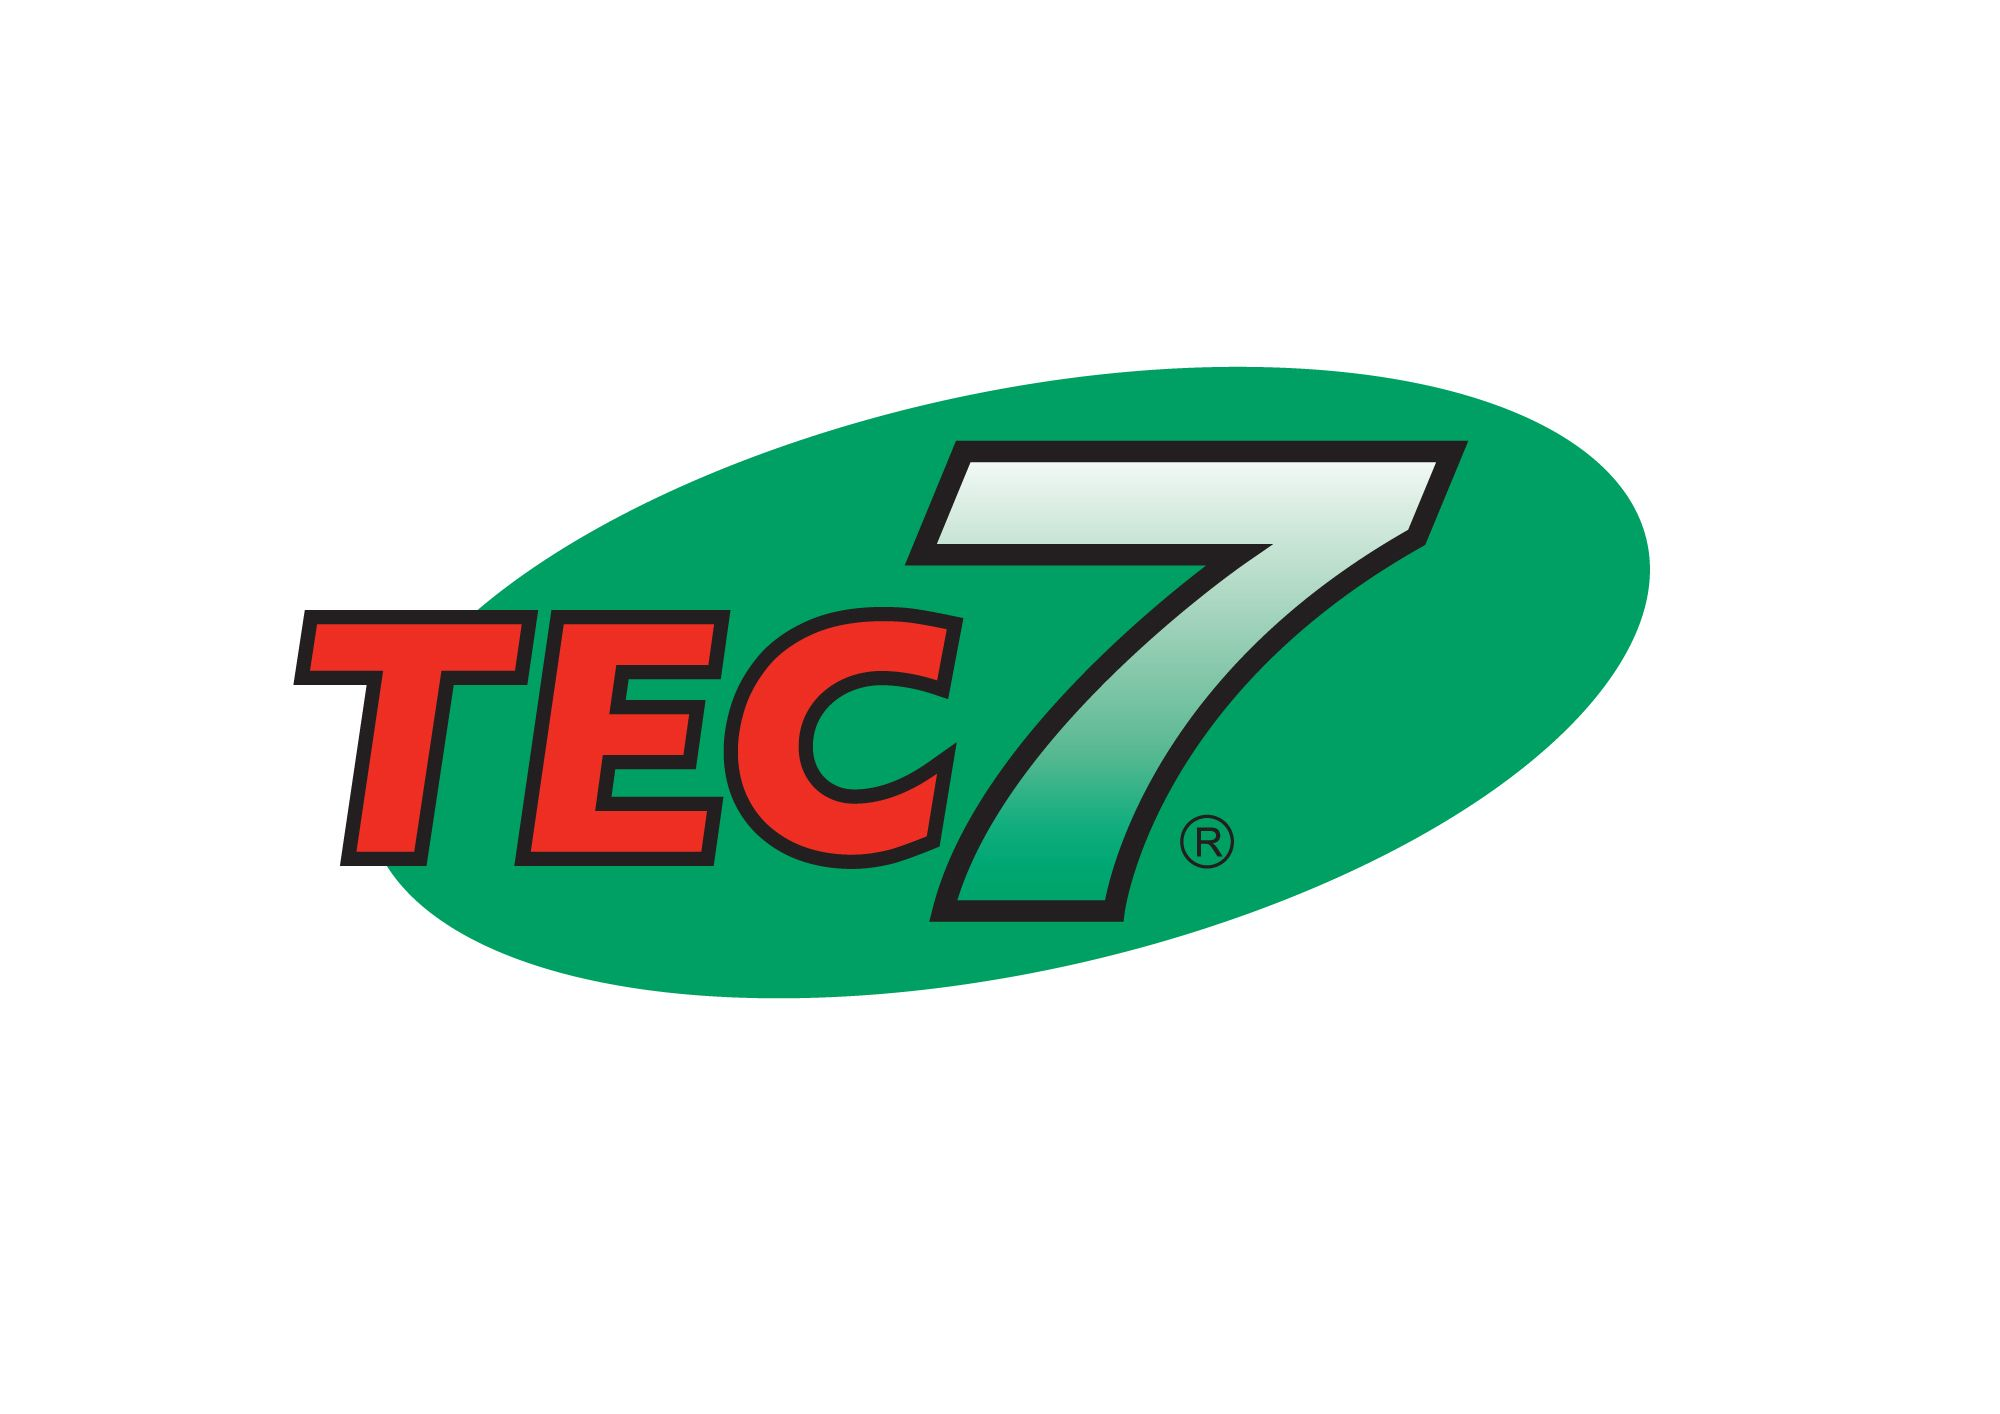 Tec 7